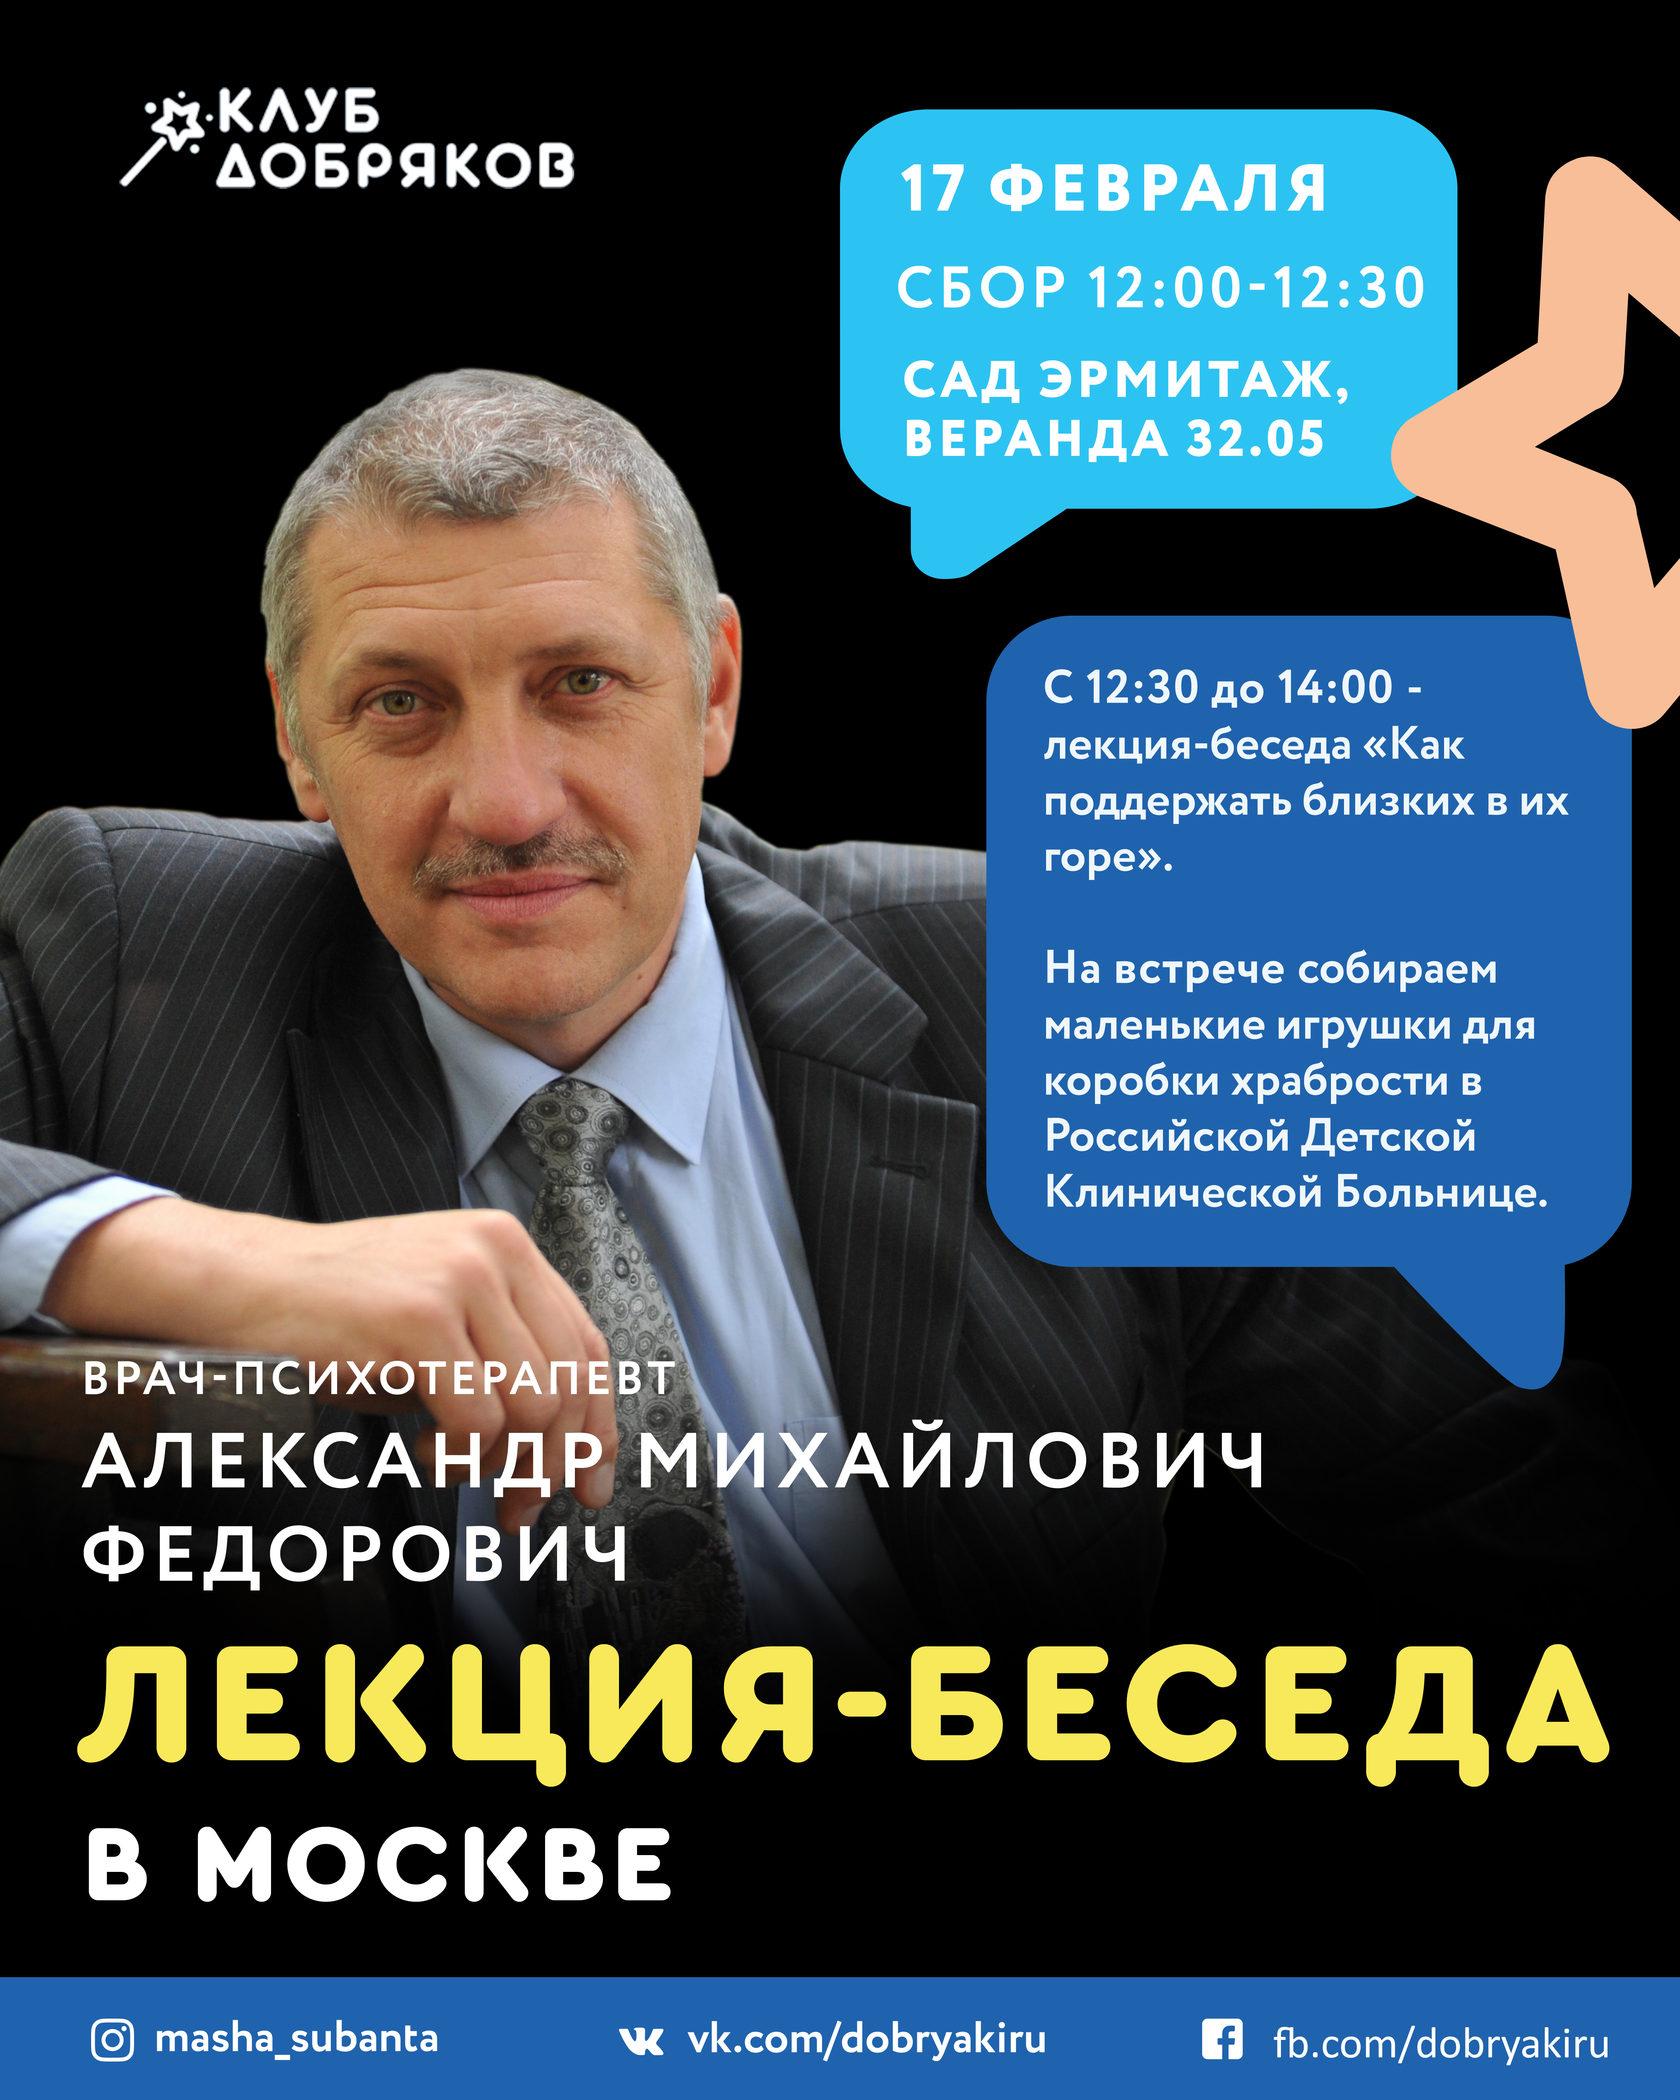 Добряковская встреча с психотерапевтом в Москве